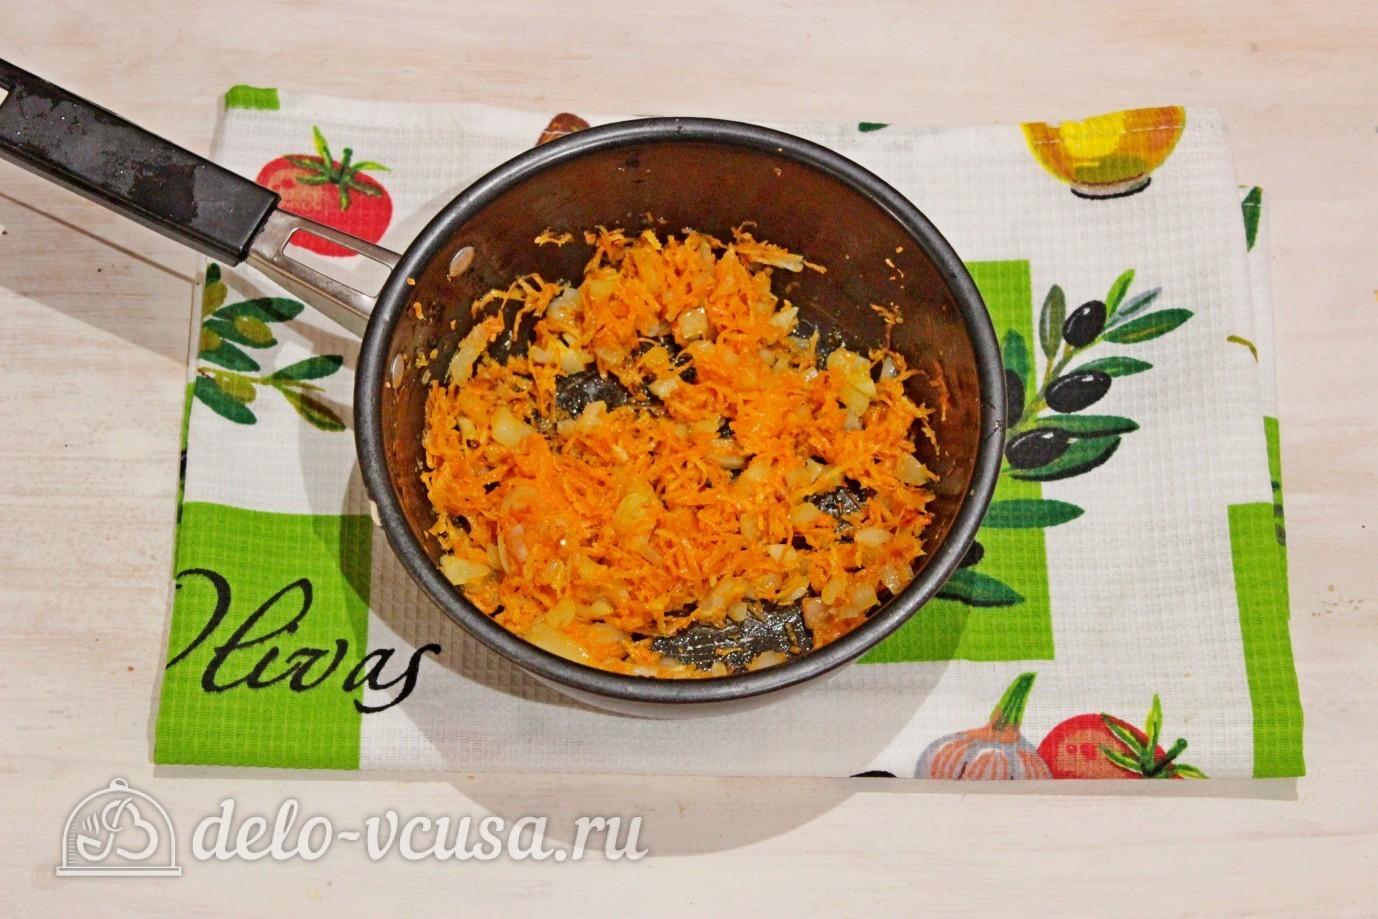 Рецепт супа с лапшой и фрикадельками в мультиварке